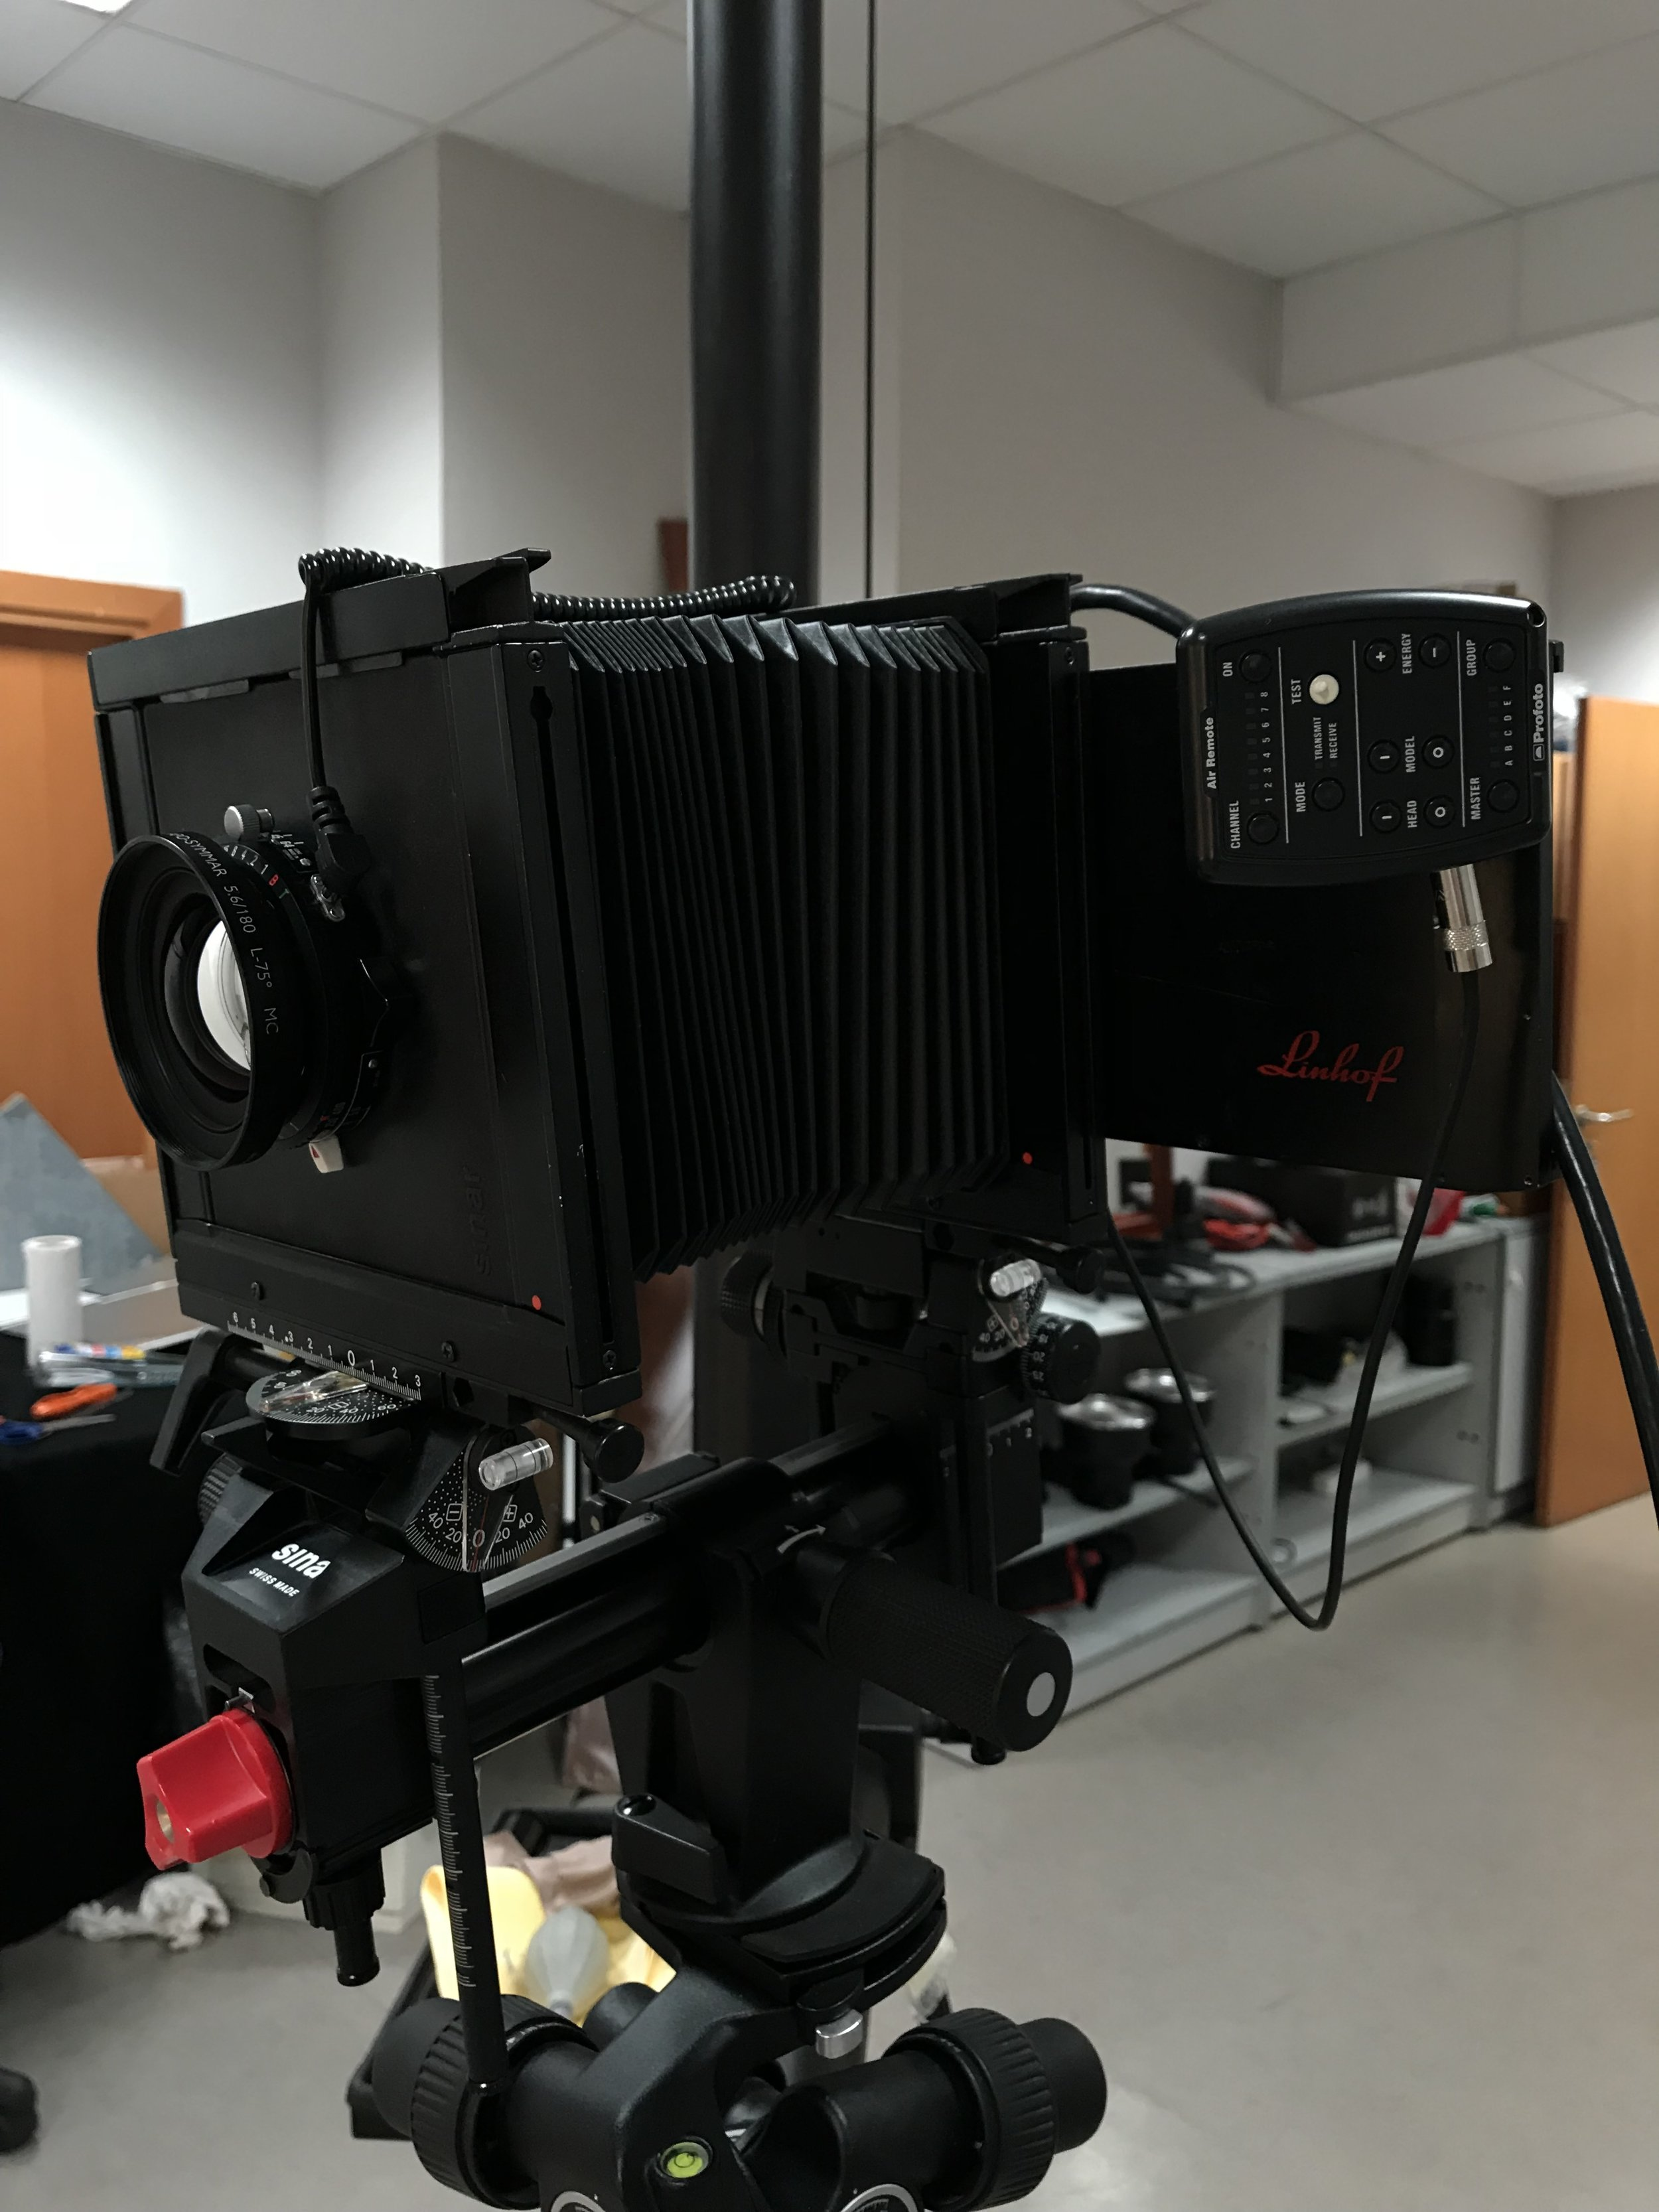 Un teleobjetivo de 180mm es una buena opción. Sin movimientos de cámara y f11.